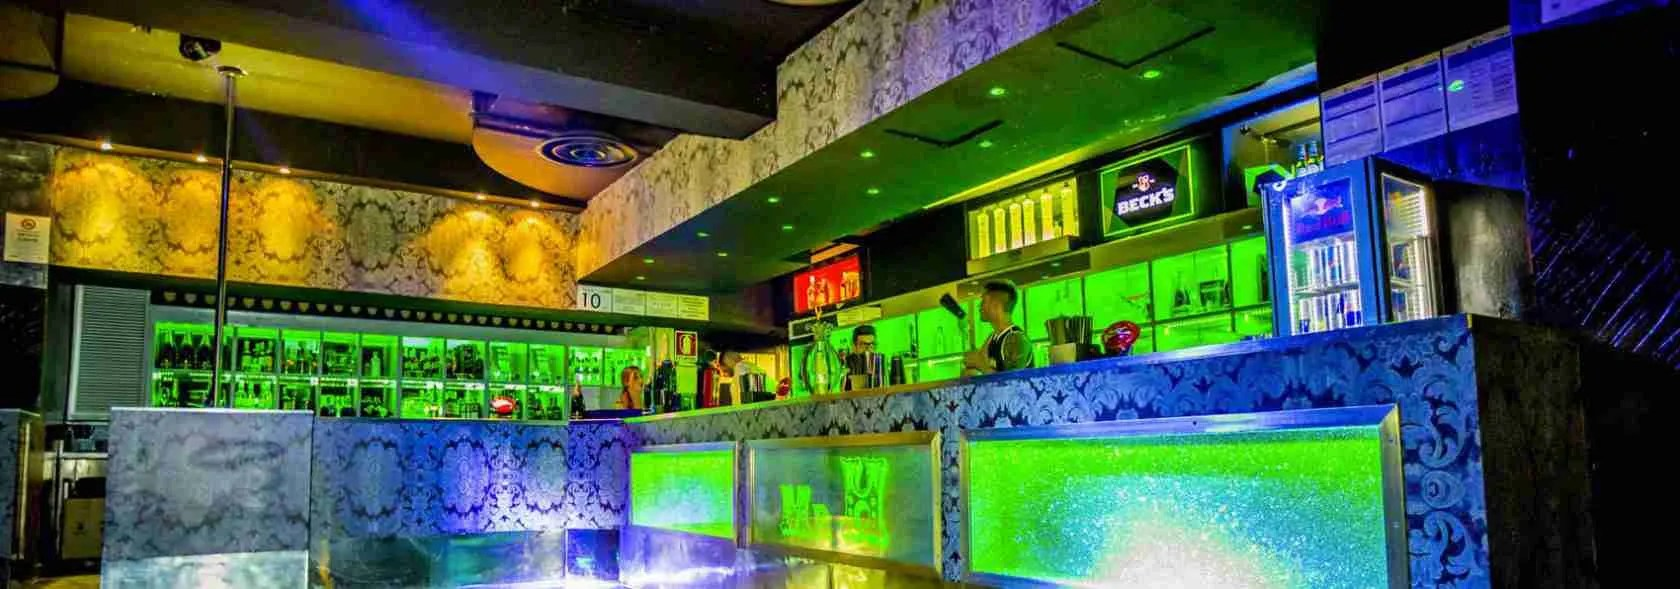 Le escort Milano sono le protagoniste della movida notturna di Milano e sono assidue frequentatrici della discoteca Hollywood di Milano.